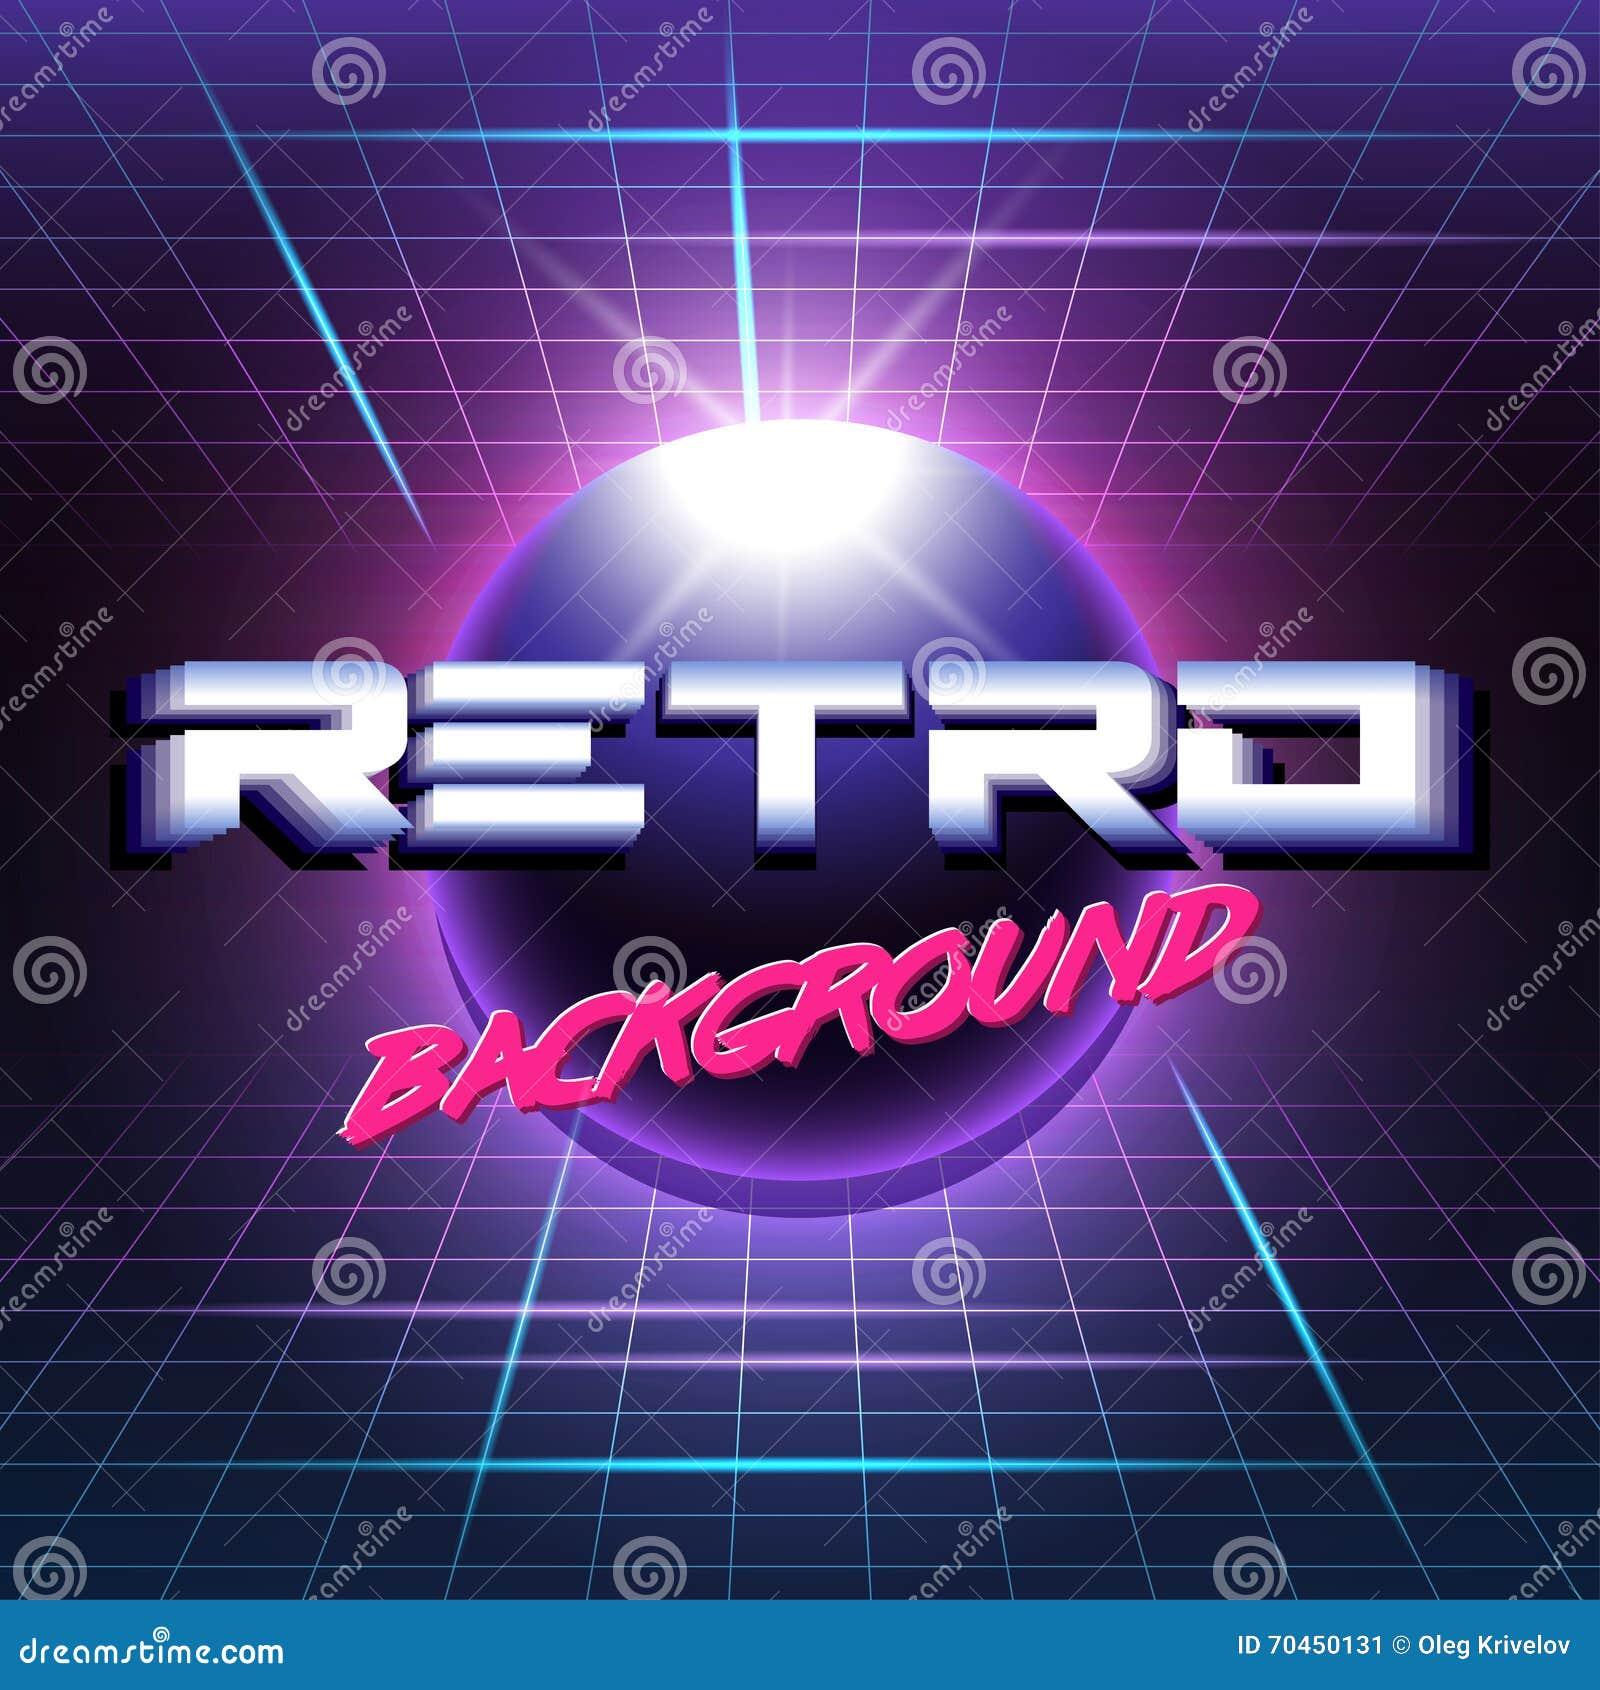 Ретро sci fi background3